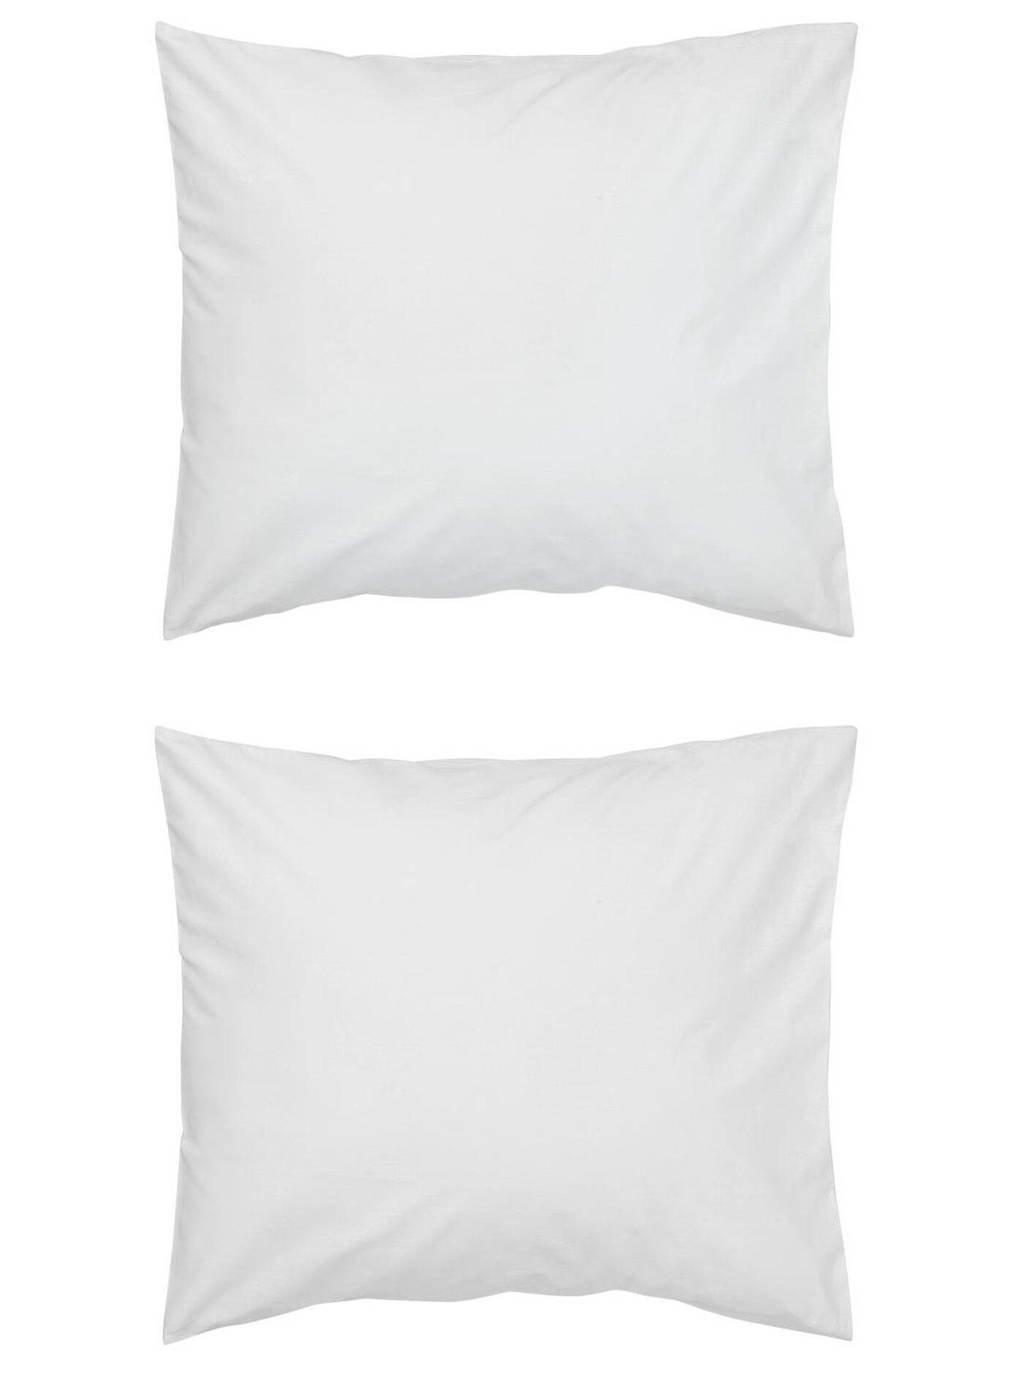 HEMA katoensatijnen kussensloop (set van 2), Wit